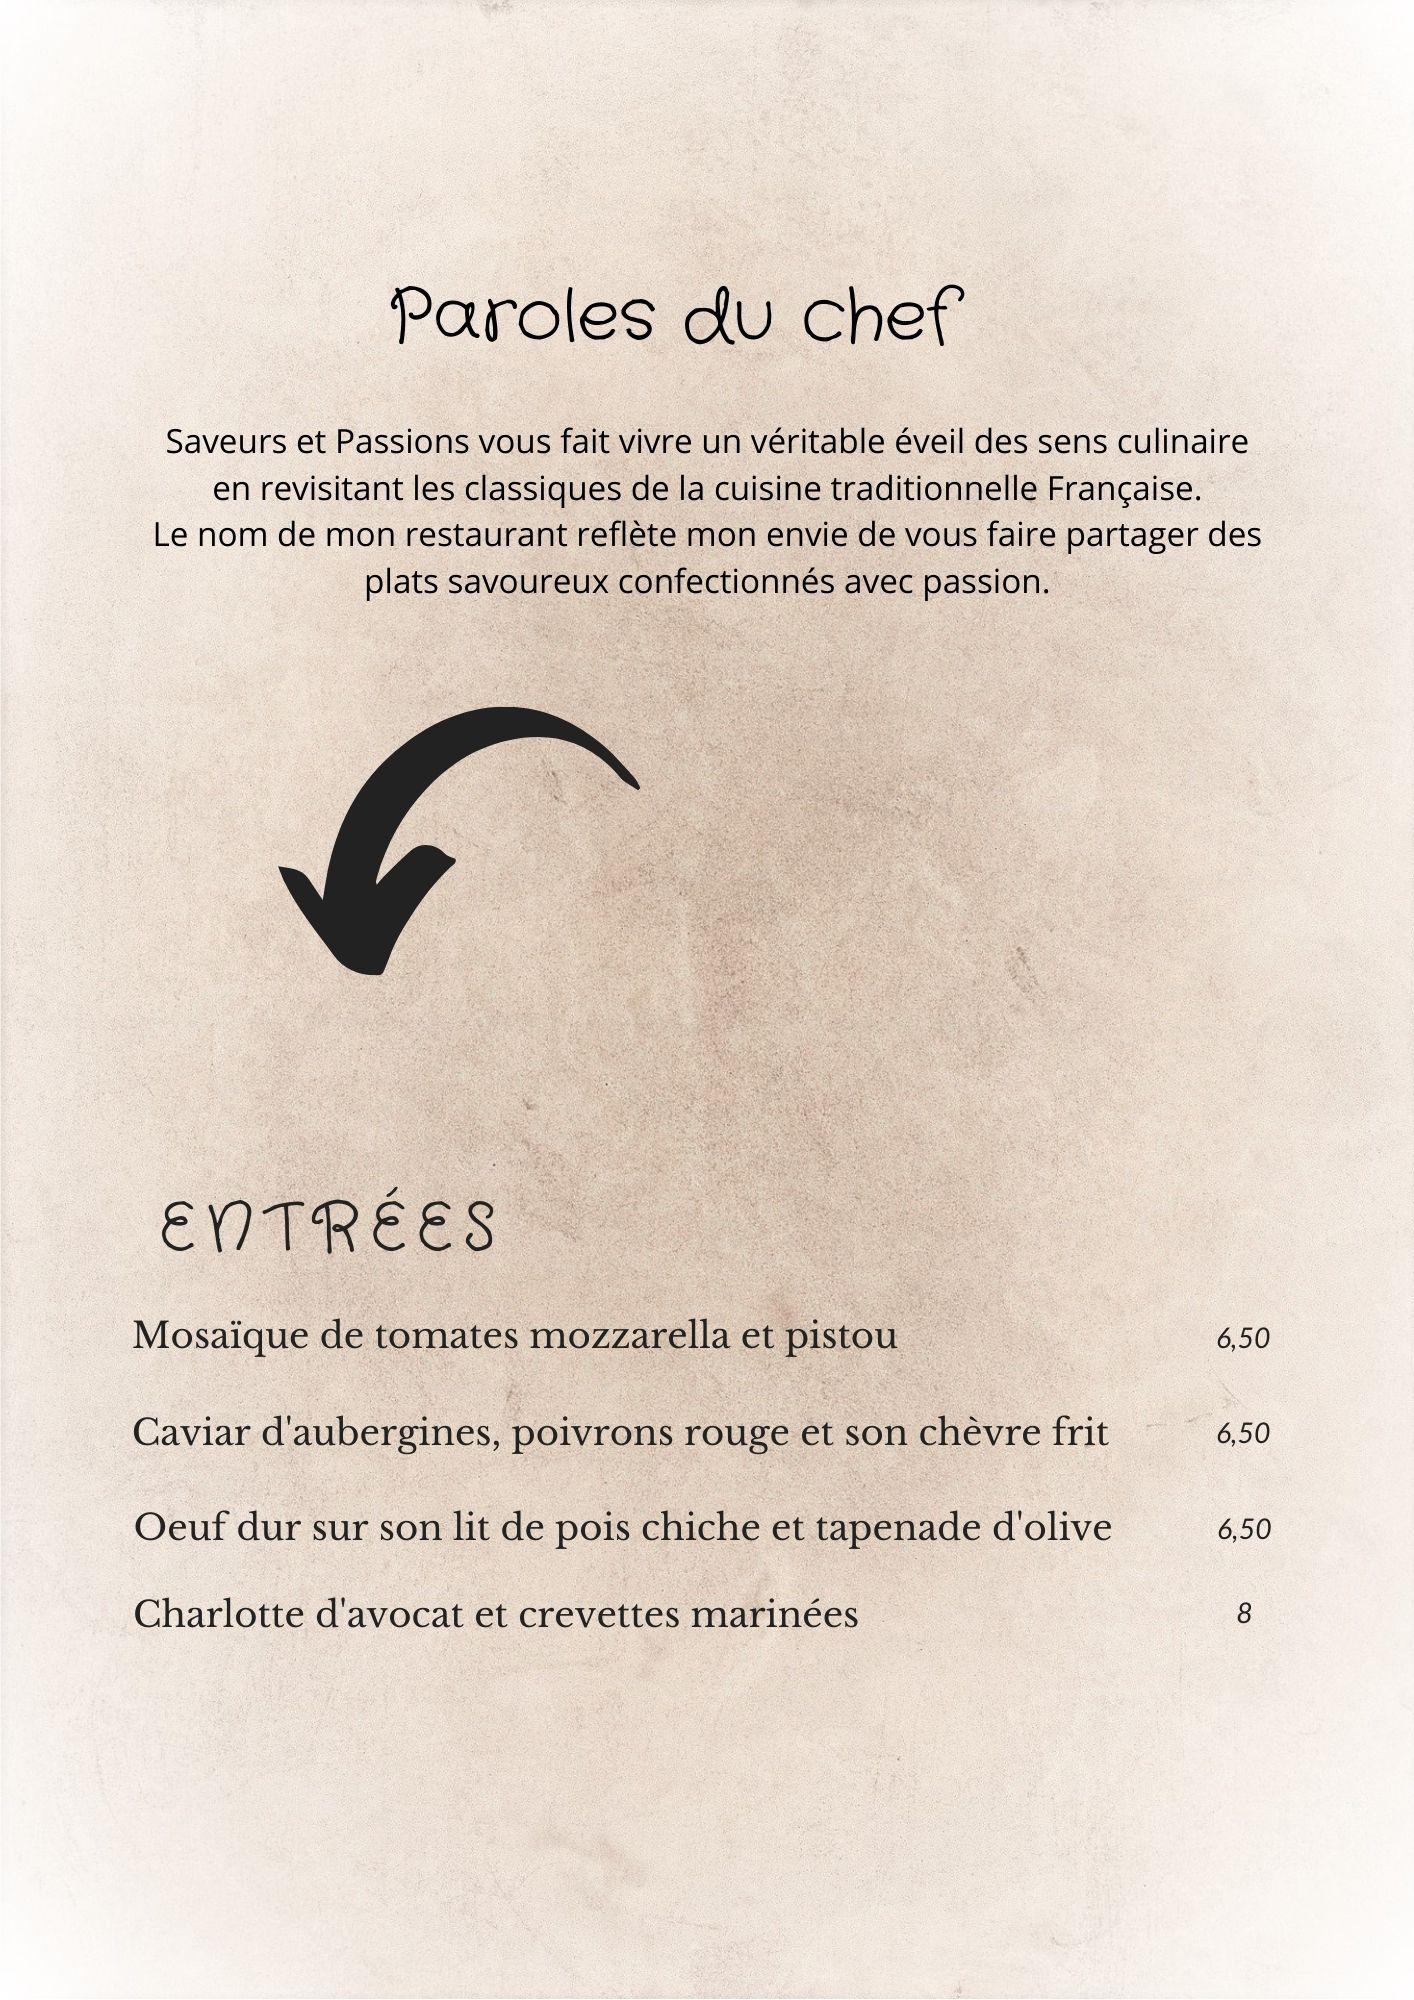 carte restaurant taverny